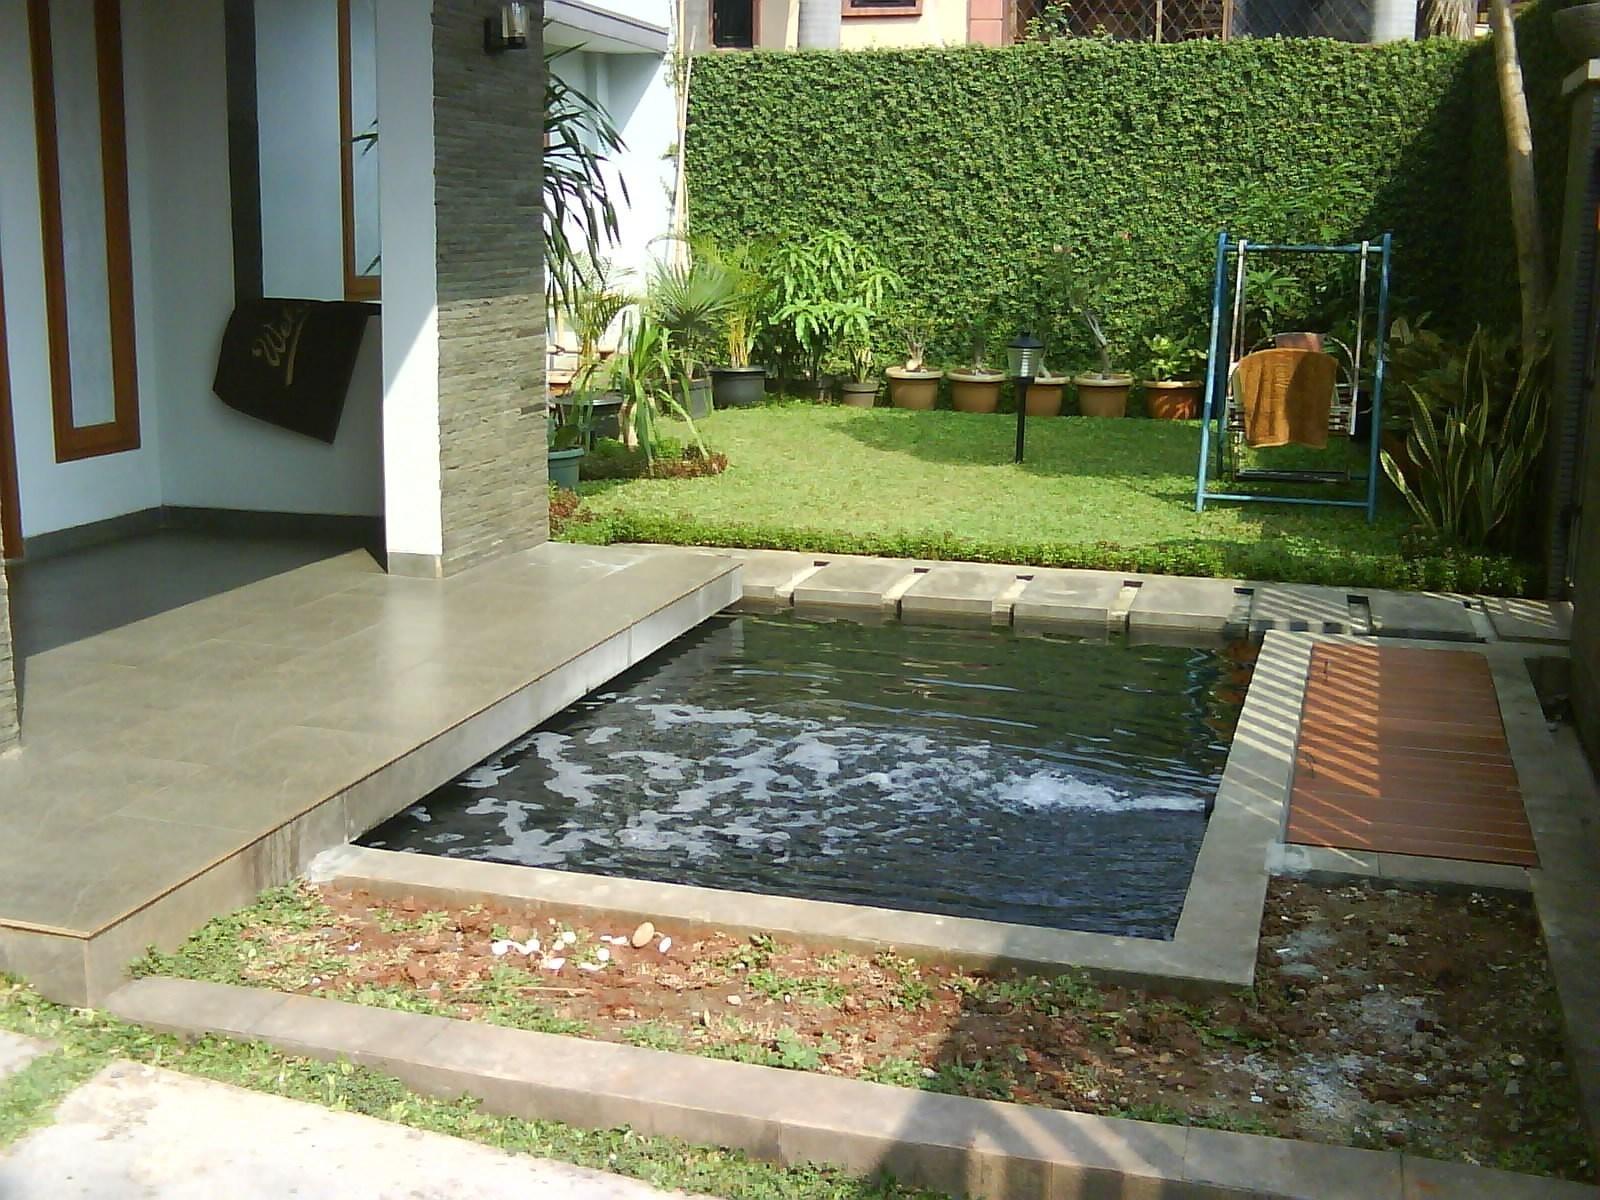 taman belakang rumah minimalis Desain Taman Dan Kolam Ikan